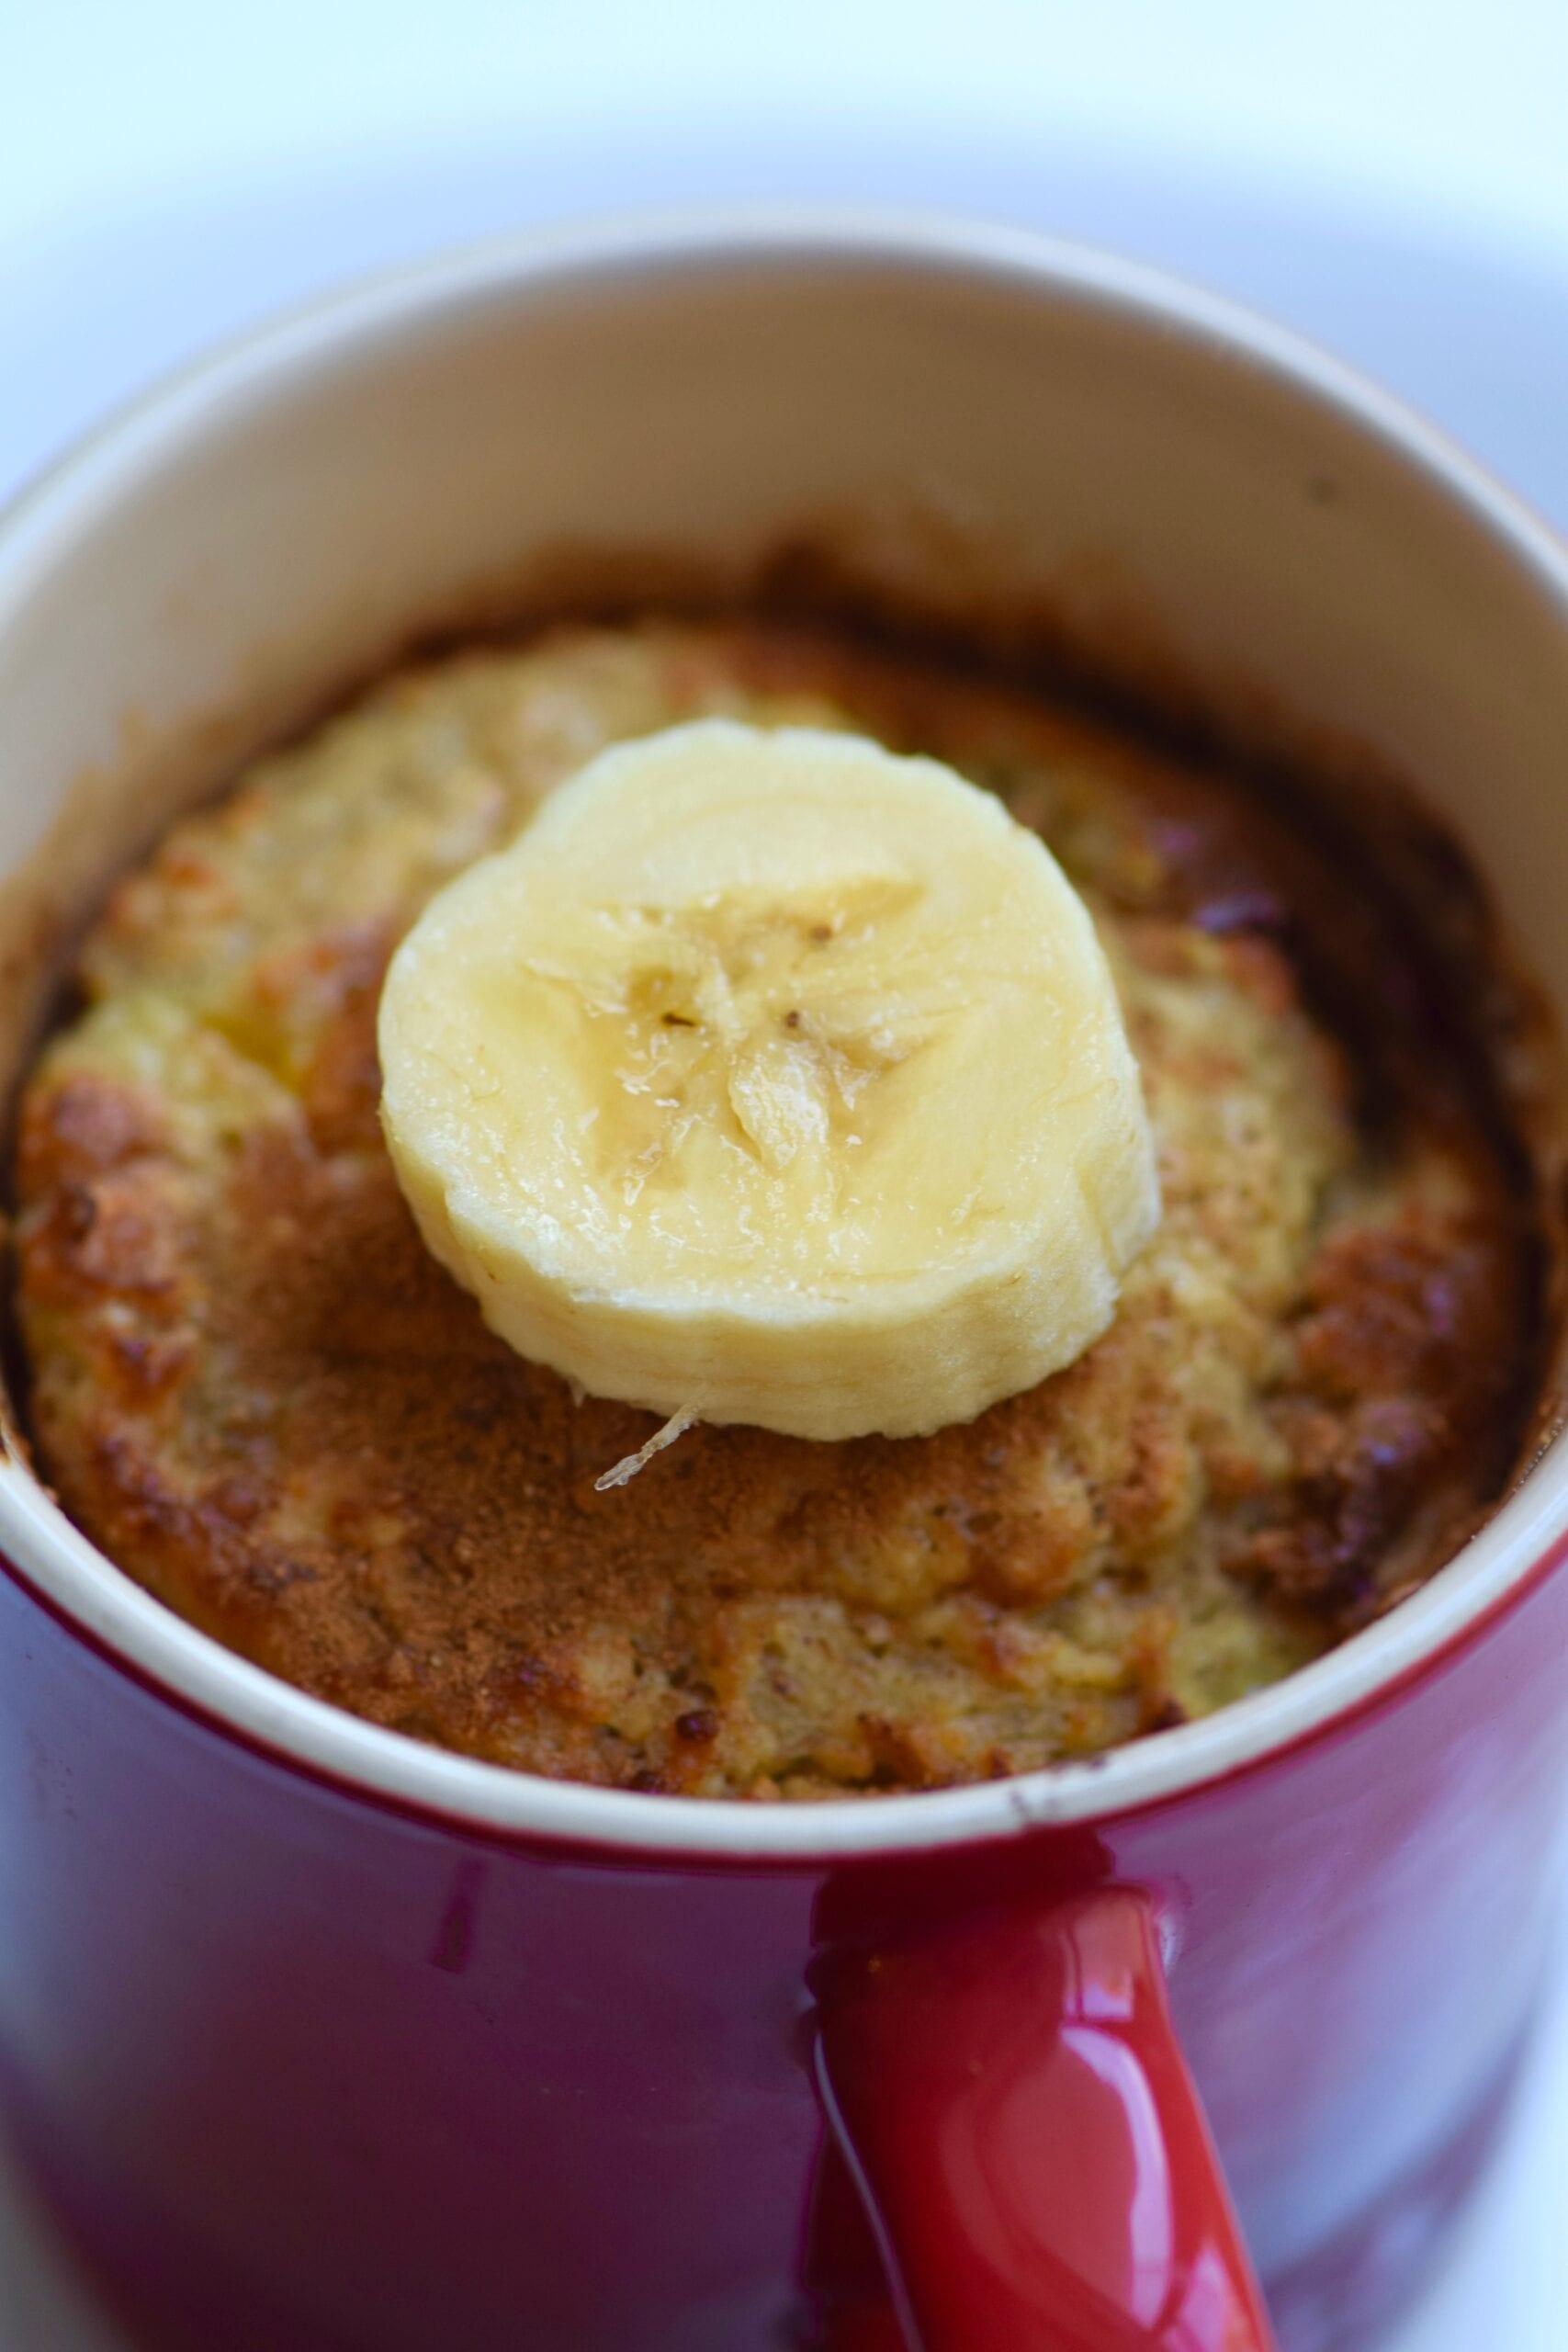 Healthy banana mug cake with fresh bananas